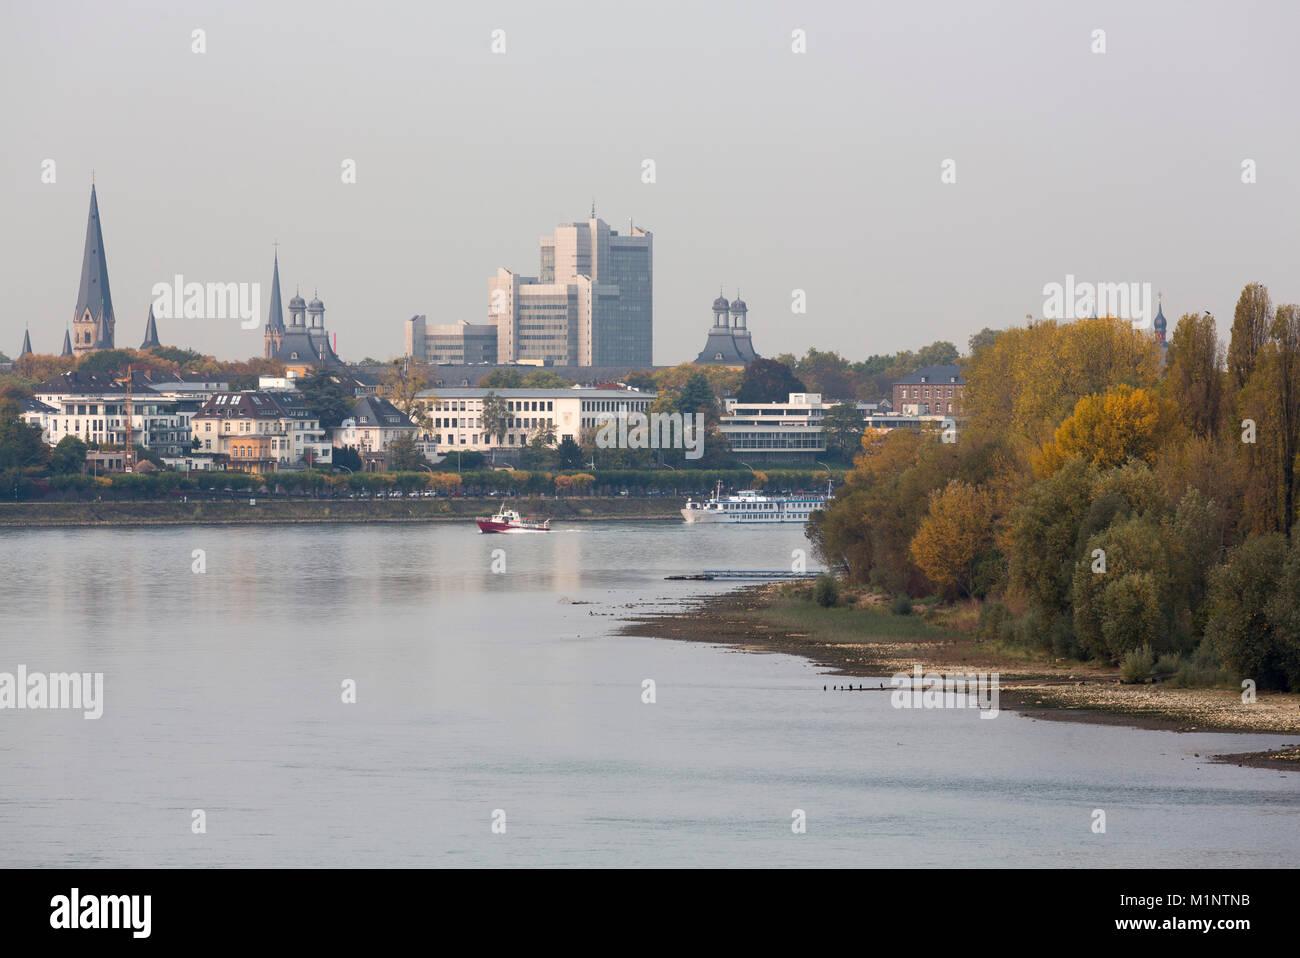 Bonn, Innenstadt, Blick von der Konrad-Adenauer-Brücke nach Norden - Stock Image